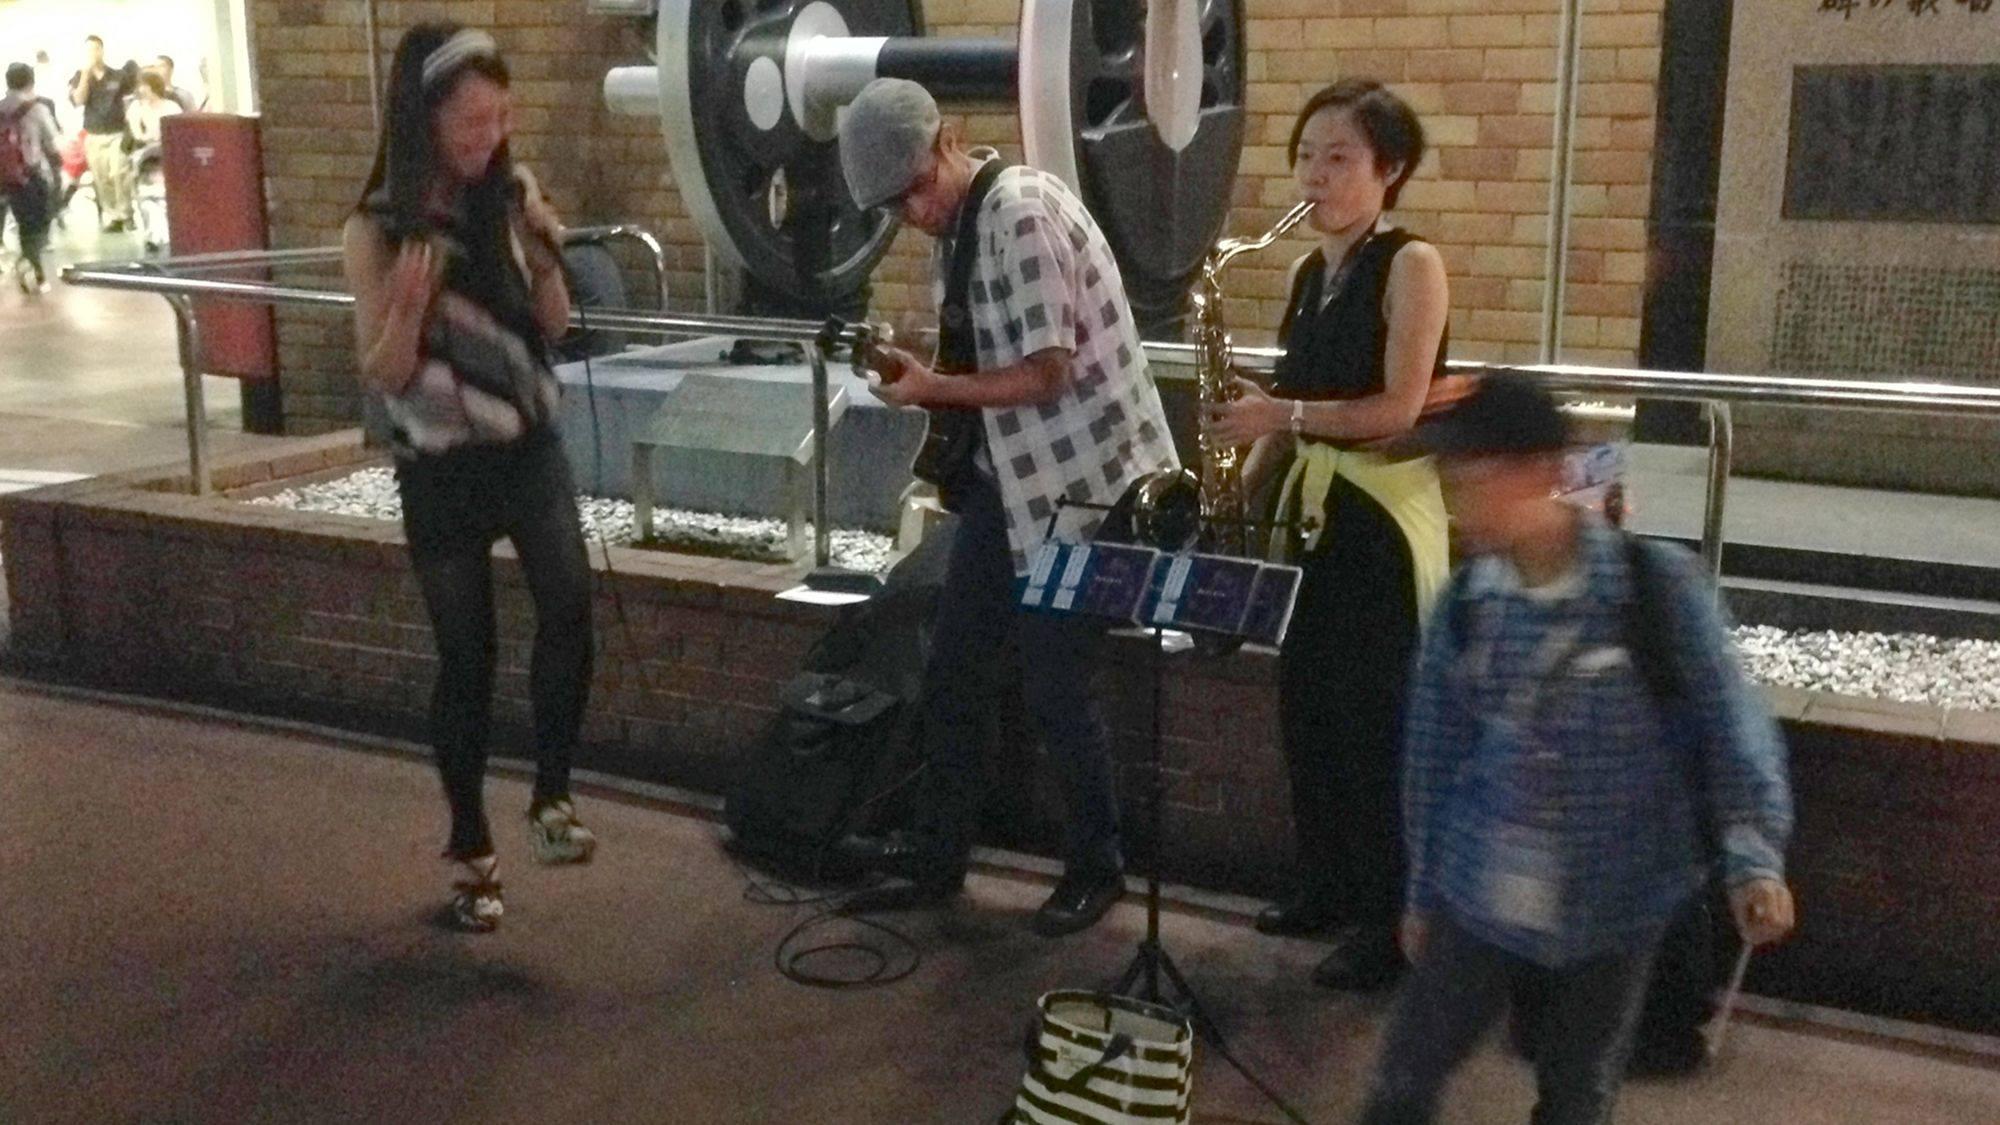 新橋駅前で初のストリート。演奏をはじめたとたん、広場にいた若者が踊りだし、外国人の方が写真を撮りまくっていきました。 この後、駅員さんが来て、そしてお〇りさんが来てわずか1曲で終了でしたが、素晴らしい瞬間でした!! 通りがかりの男の子が投げ銭をくれました。忘れないよ! 写真:Hirokazu Ishihara